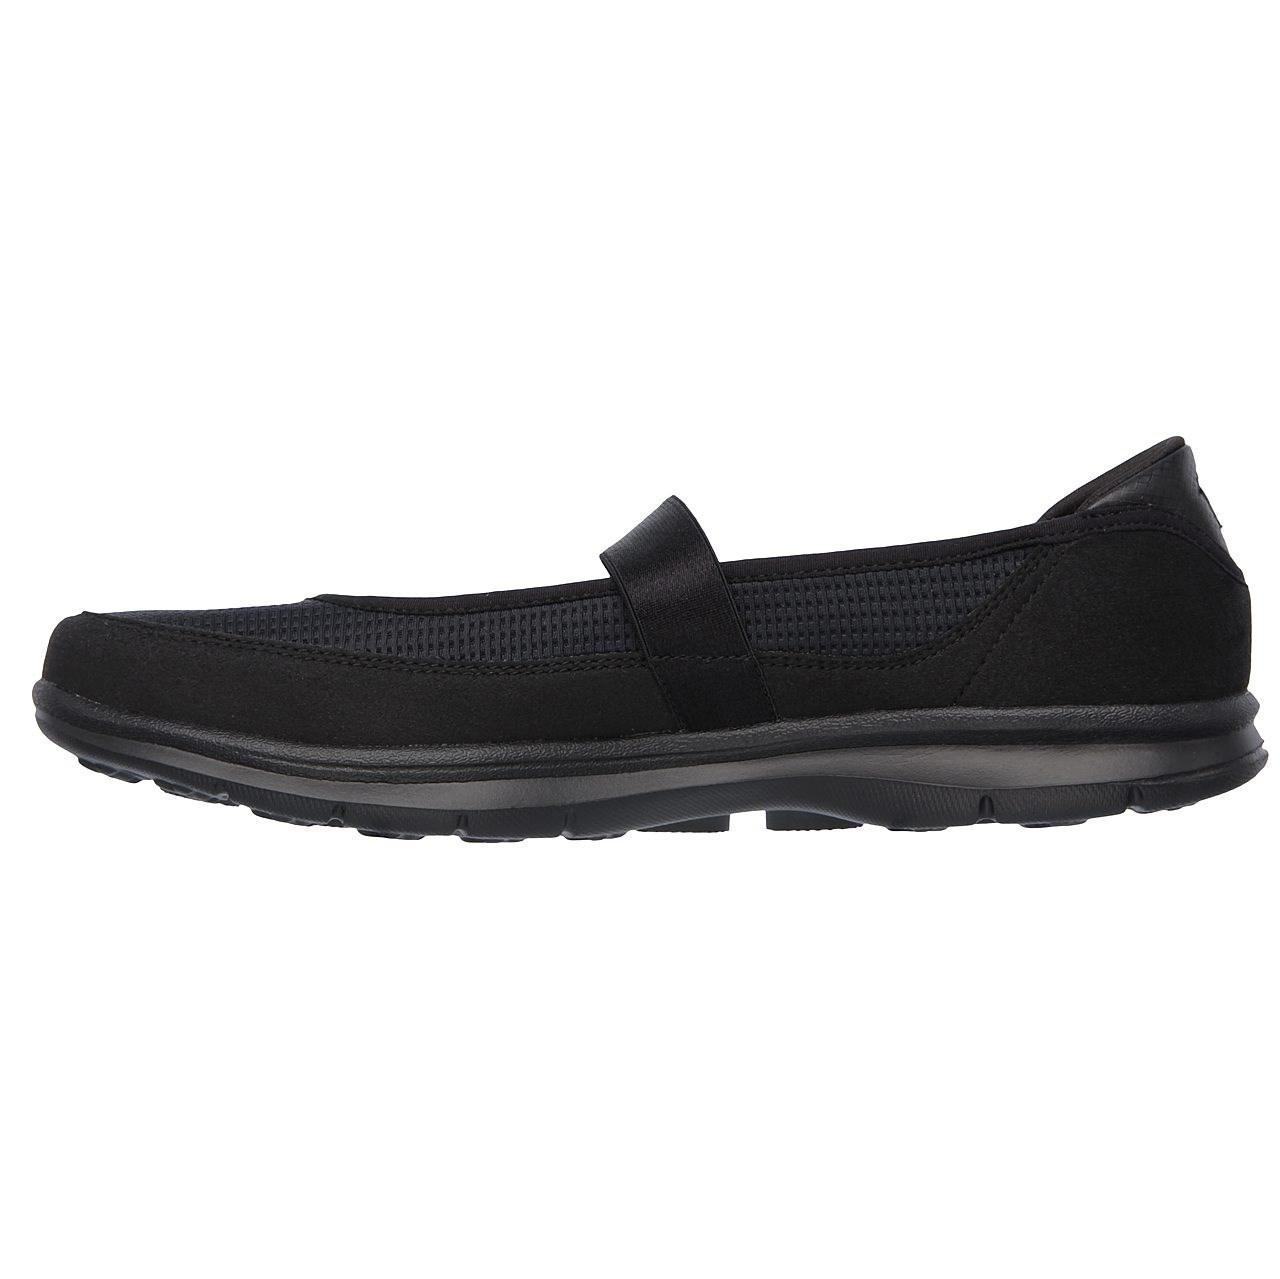 کفش راحتی زنانه اسکچرز مدل 14213BBK